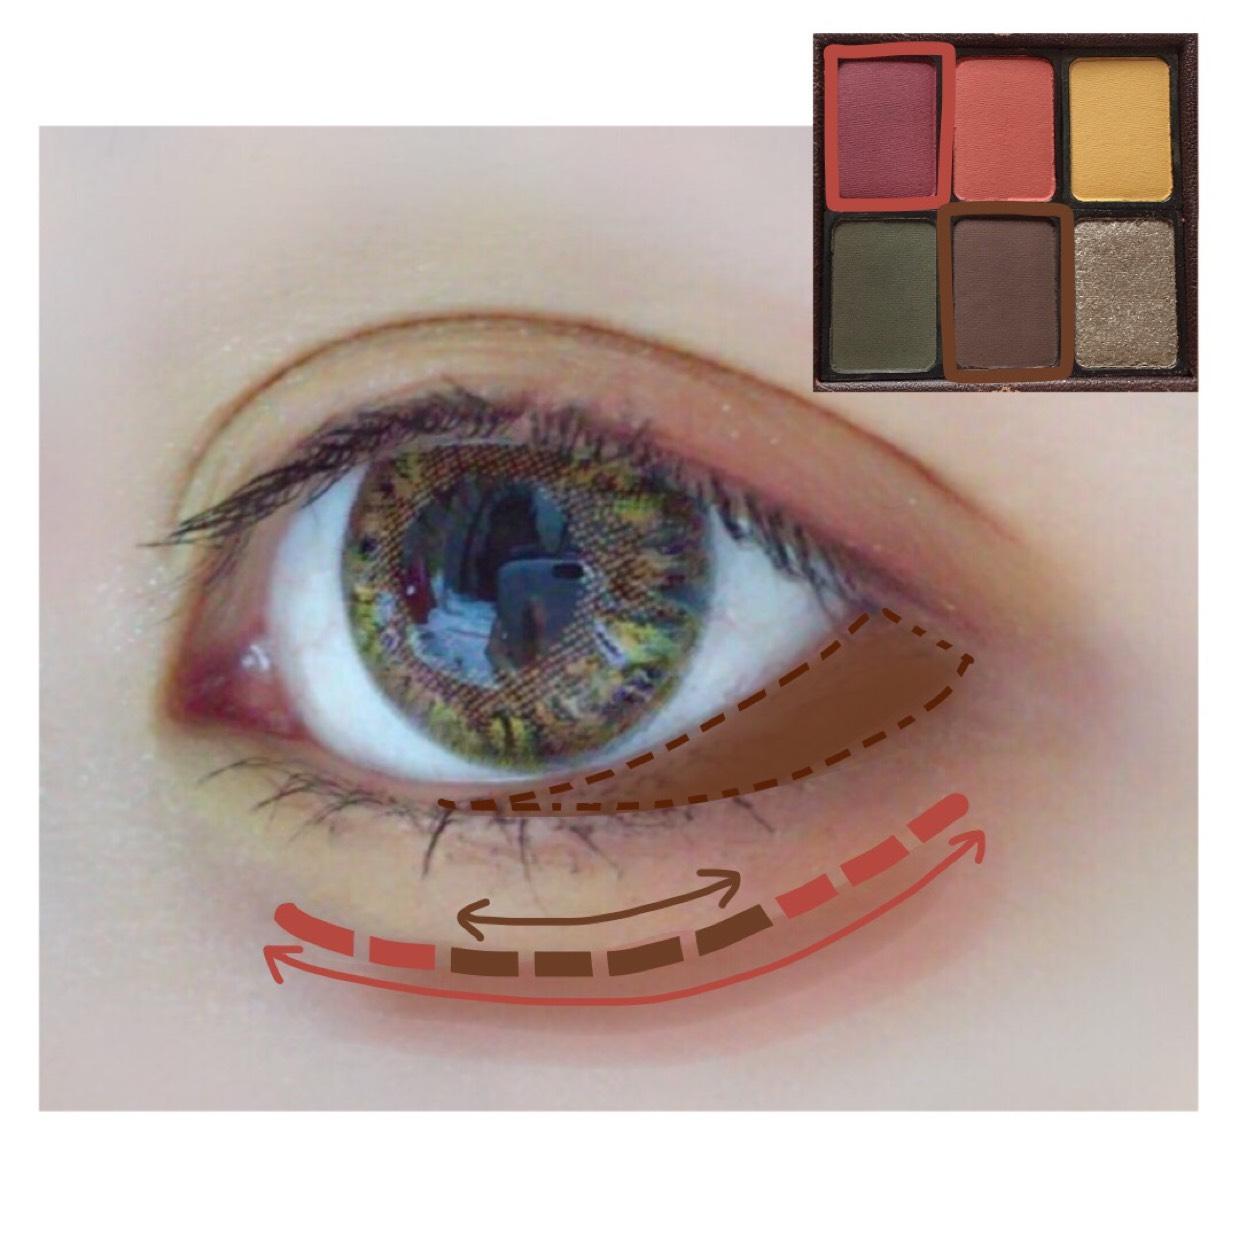 目尻赤緑で入れたのよりも内側の範囲にブラウンを薄く入れます。  涙袋の影もこのパレットで完成させます◎ 赤で塗ってから細くブラウンを真ん中より目尻寄りに描きます。